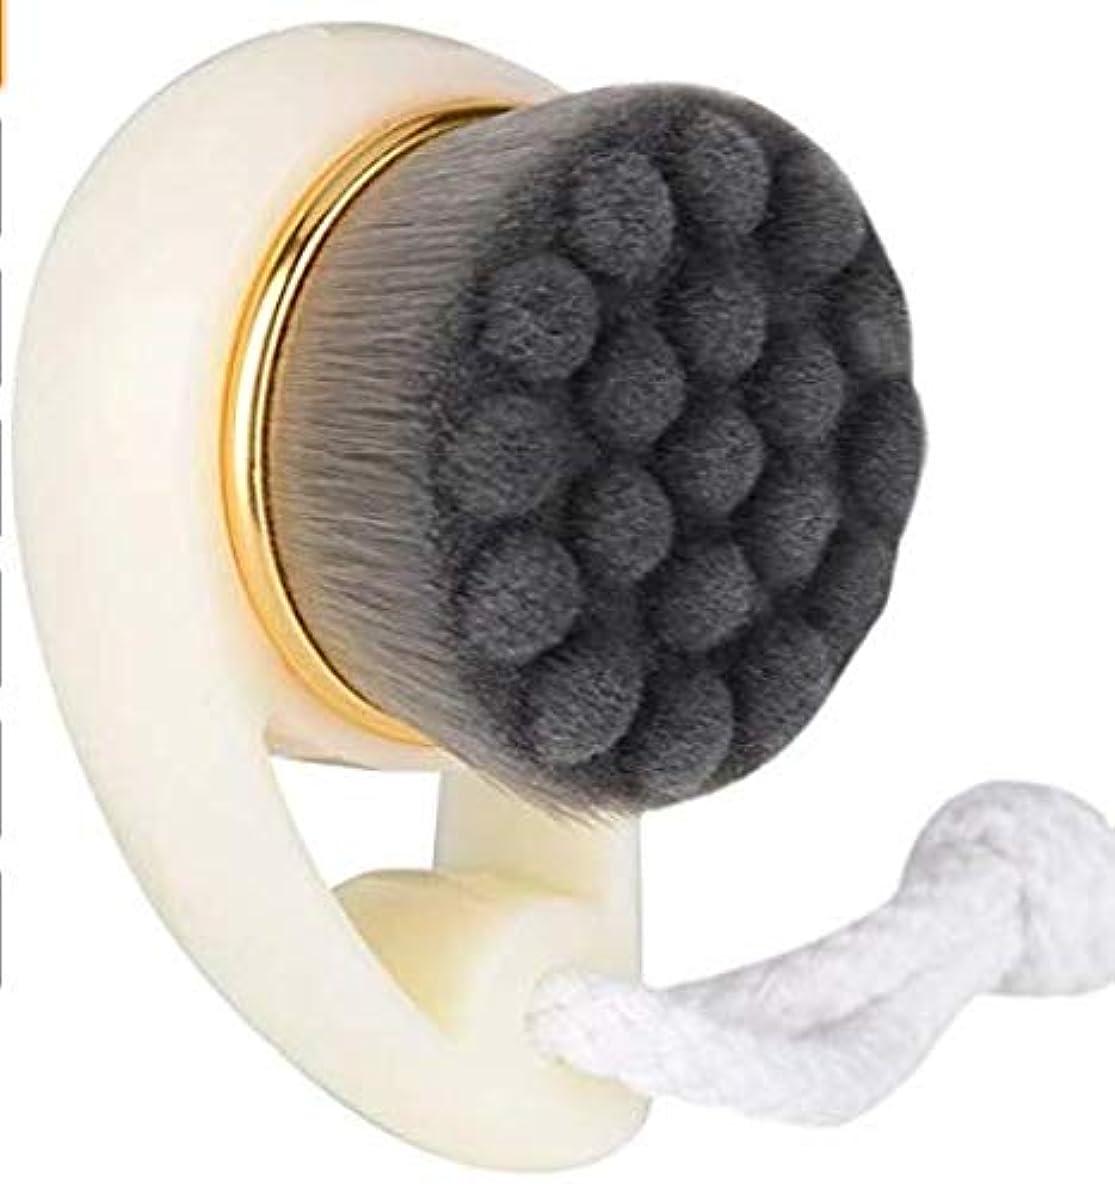 ホームレスエコー権限を与える化粧ブラシ、手動毛穴、マッサージ、美容製品、美容製品、にきび毛穴、きれいな肌、毛穴